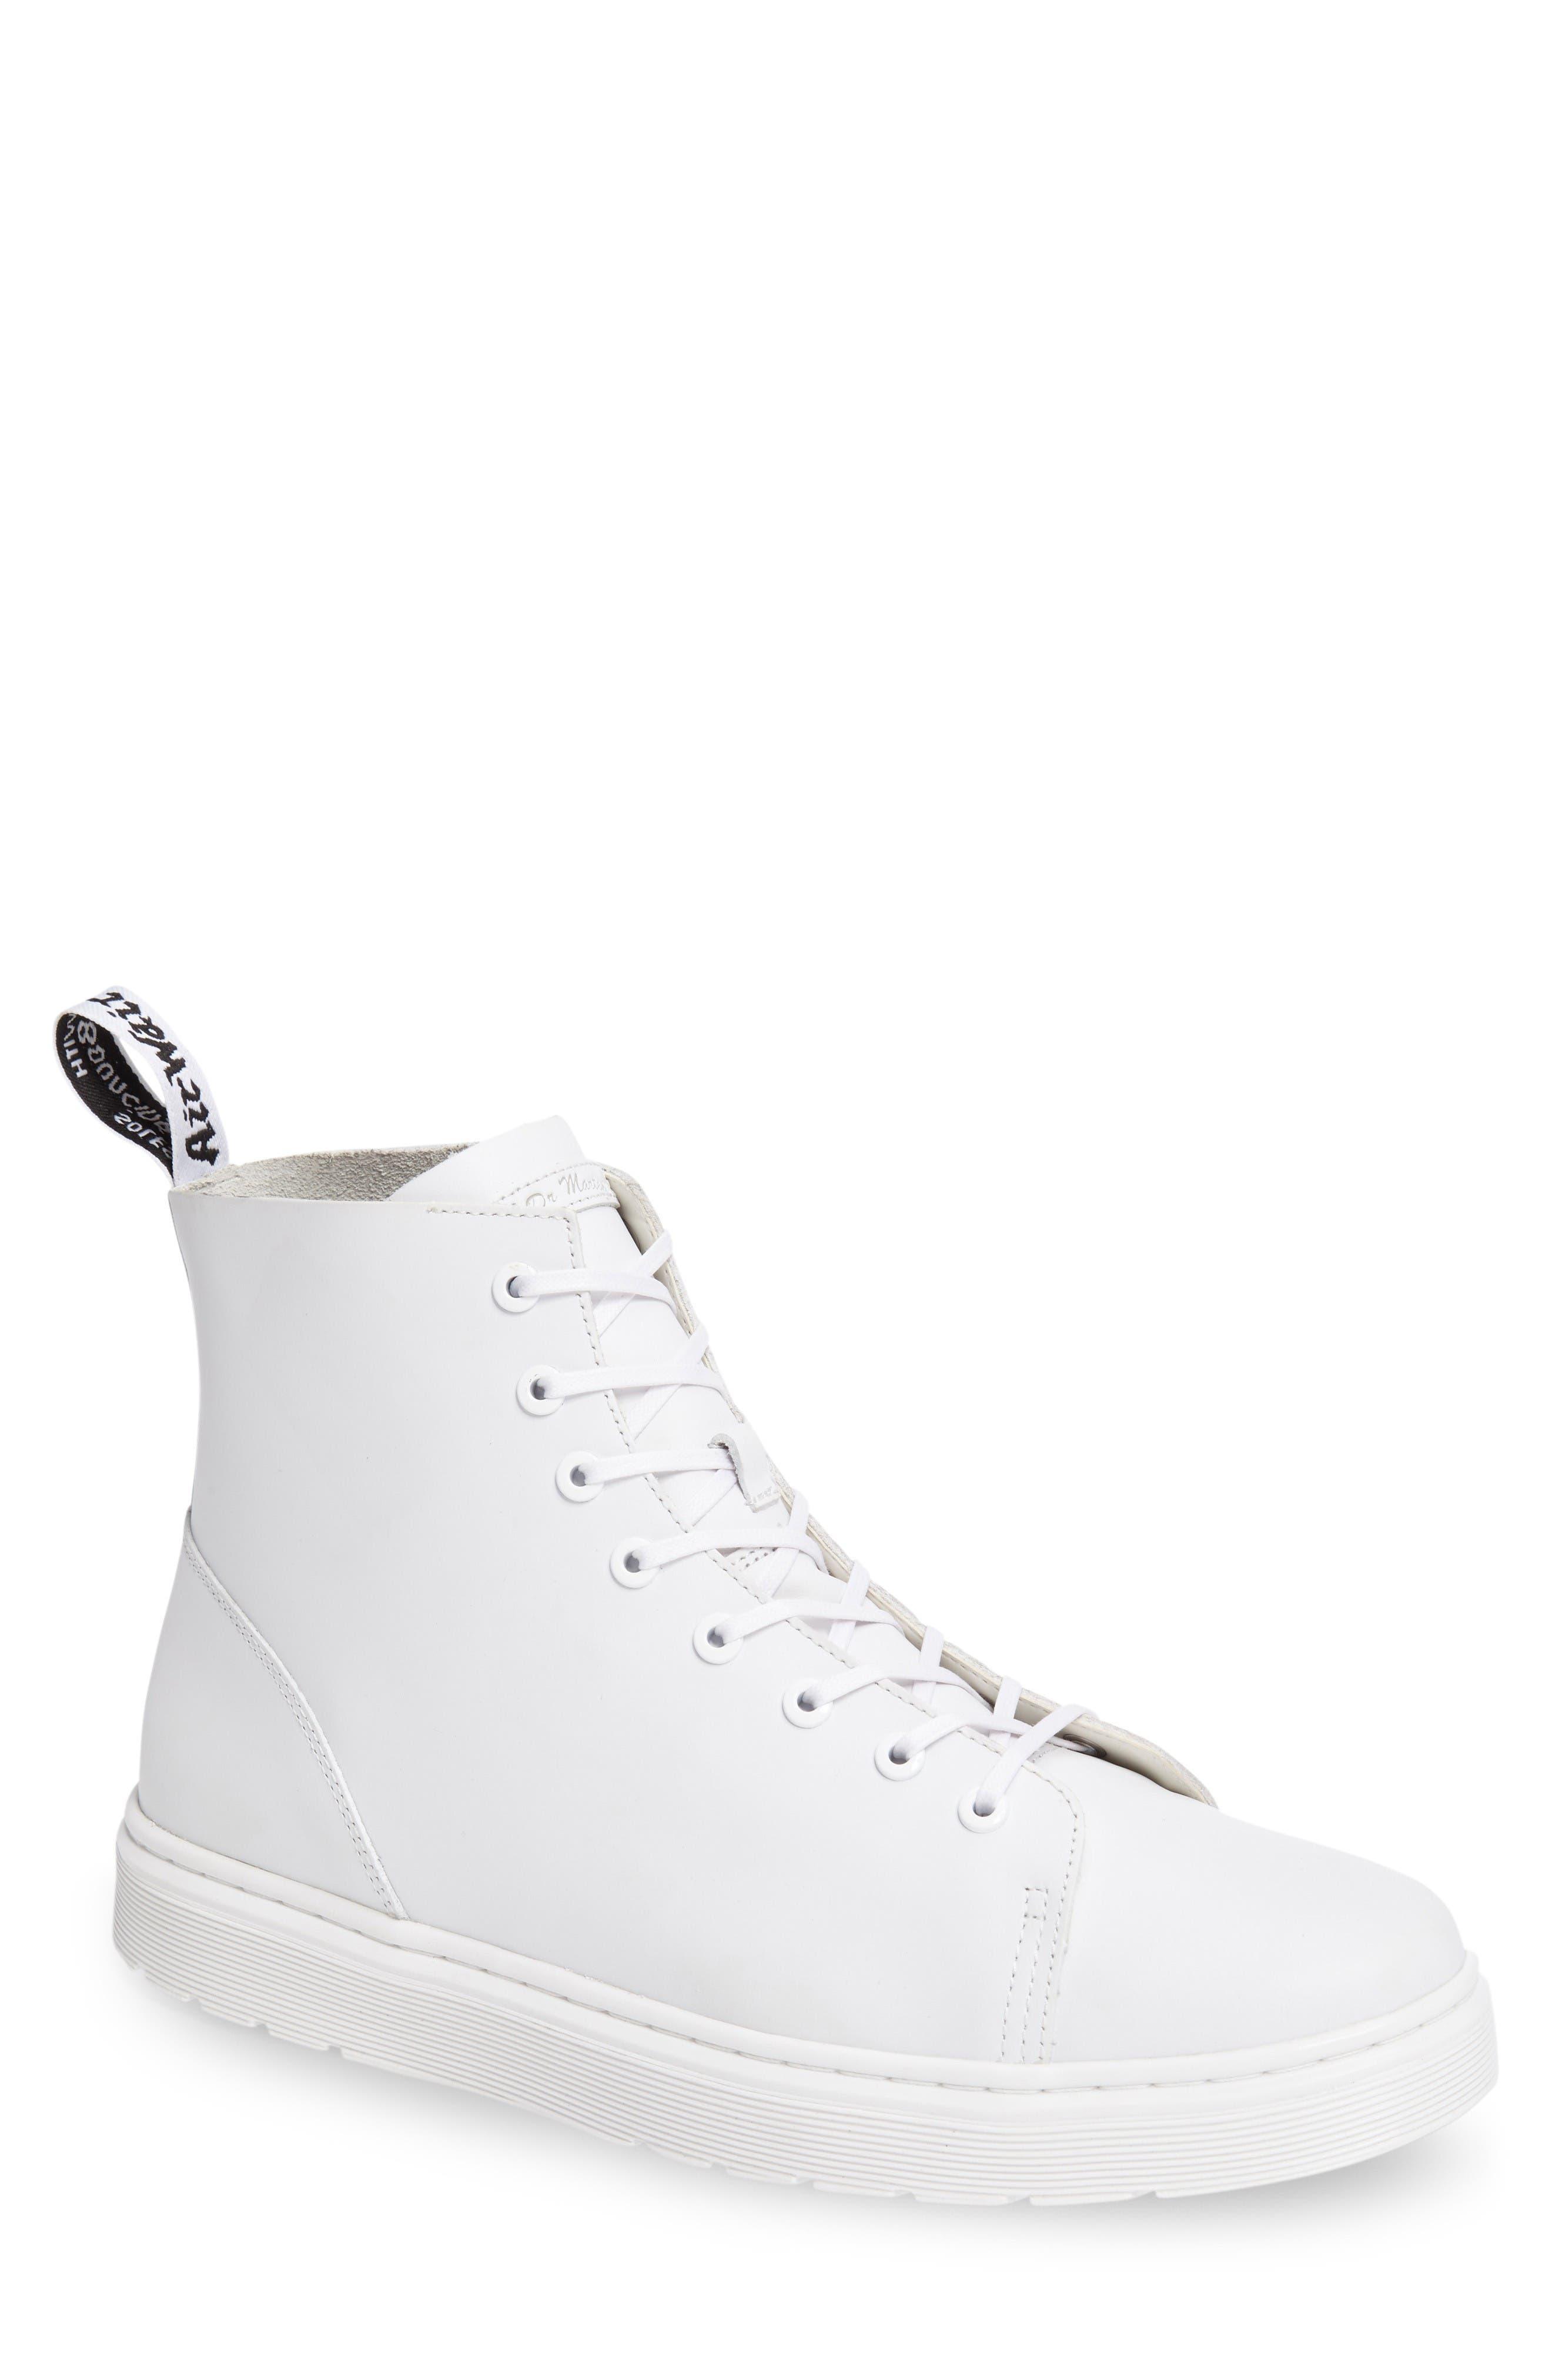 Talib Plain Toe Boot,                             Main thumbnail 1, color,                             White Leather